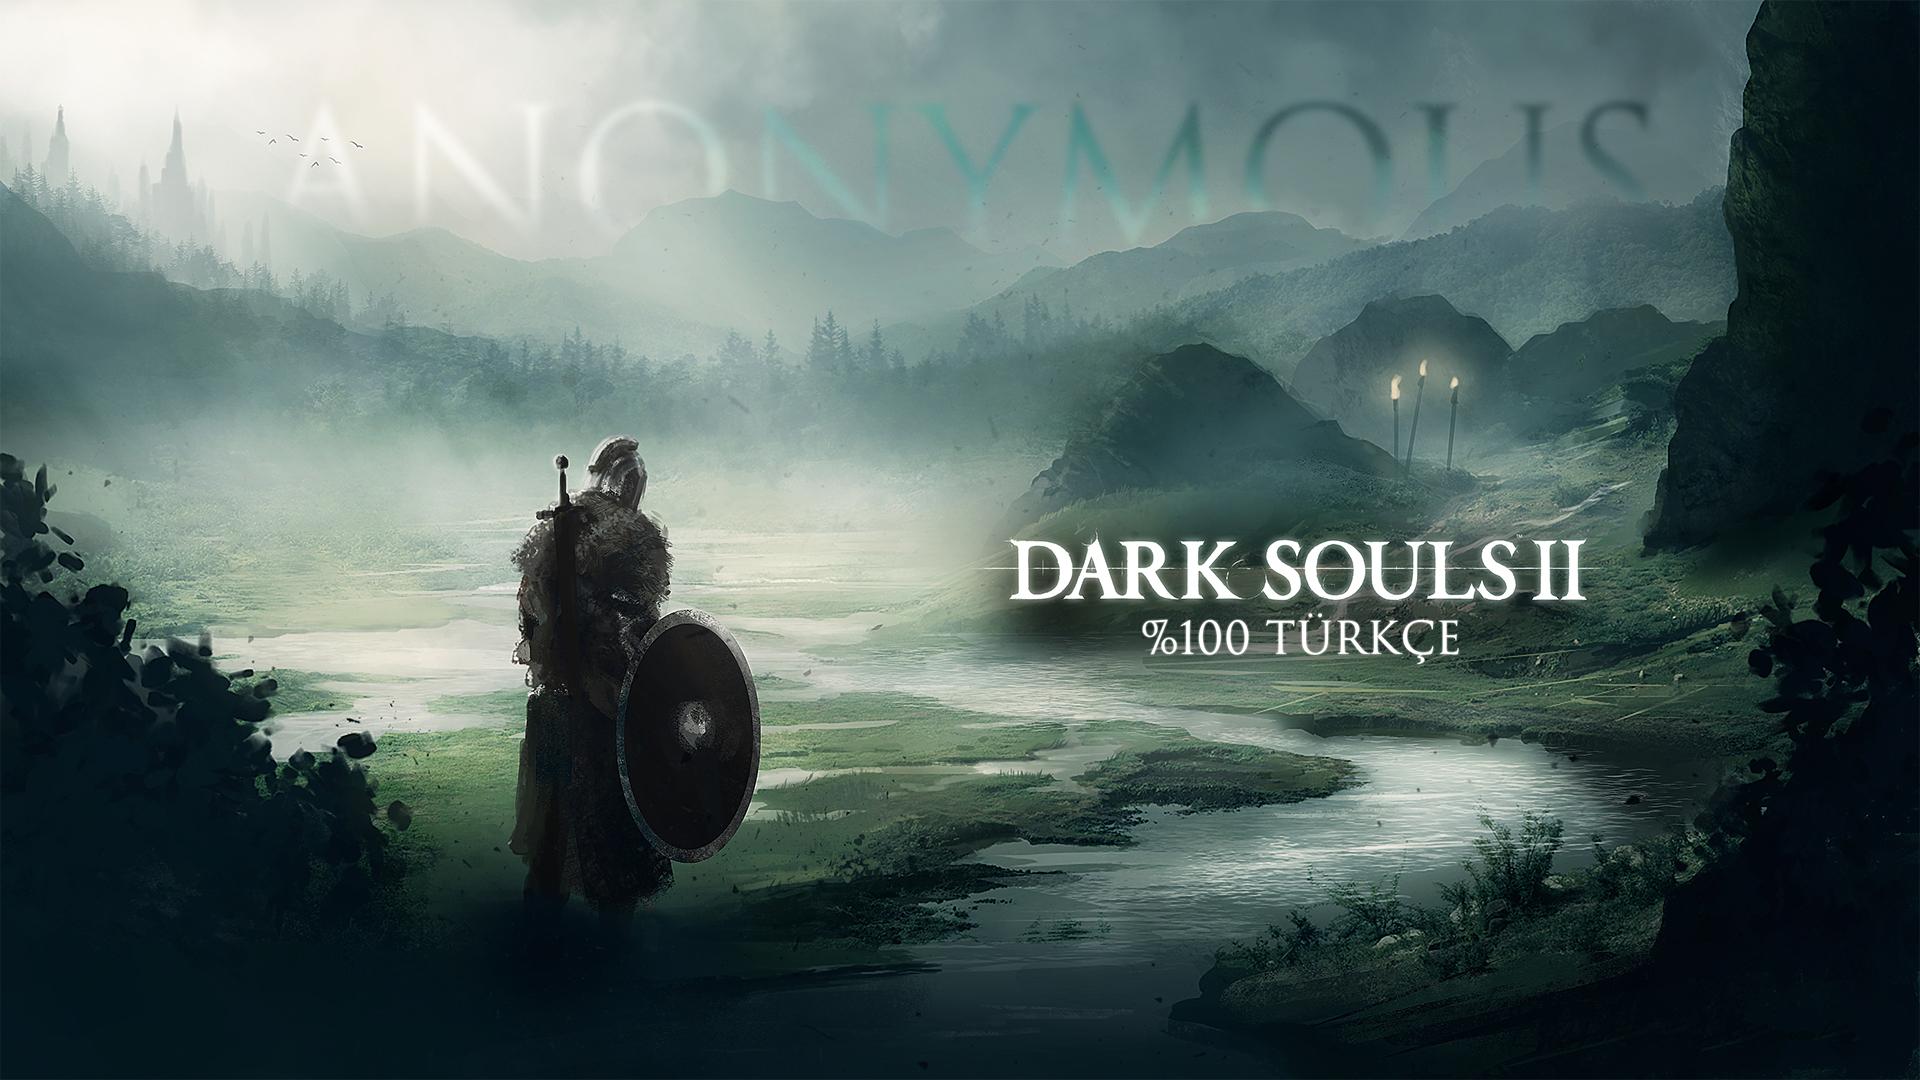 darksoulsii1080